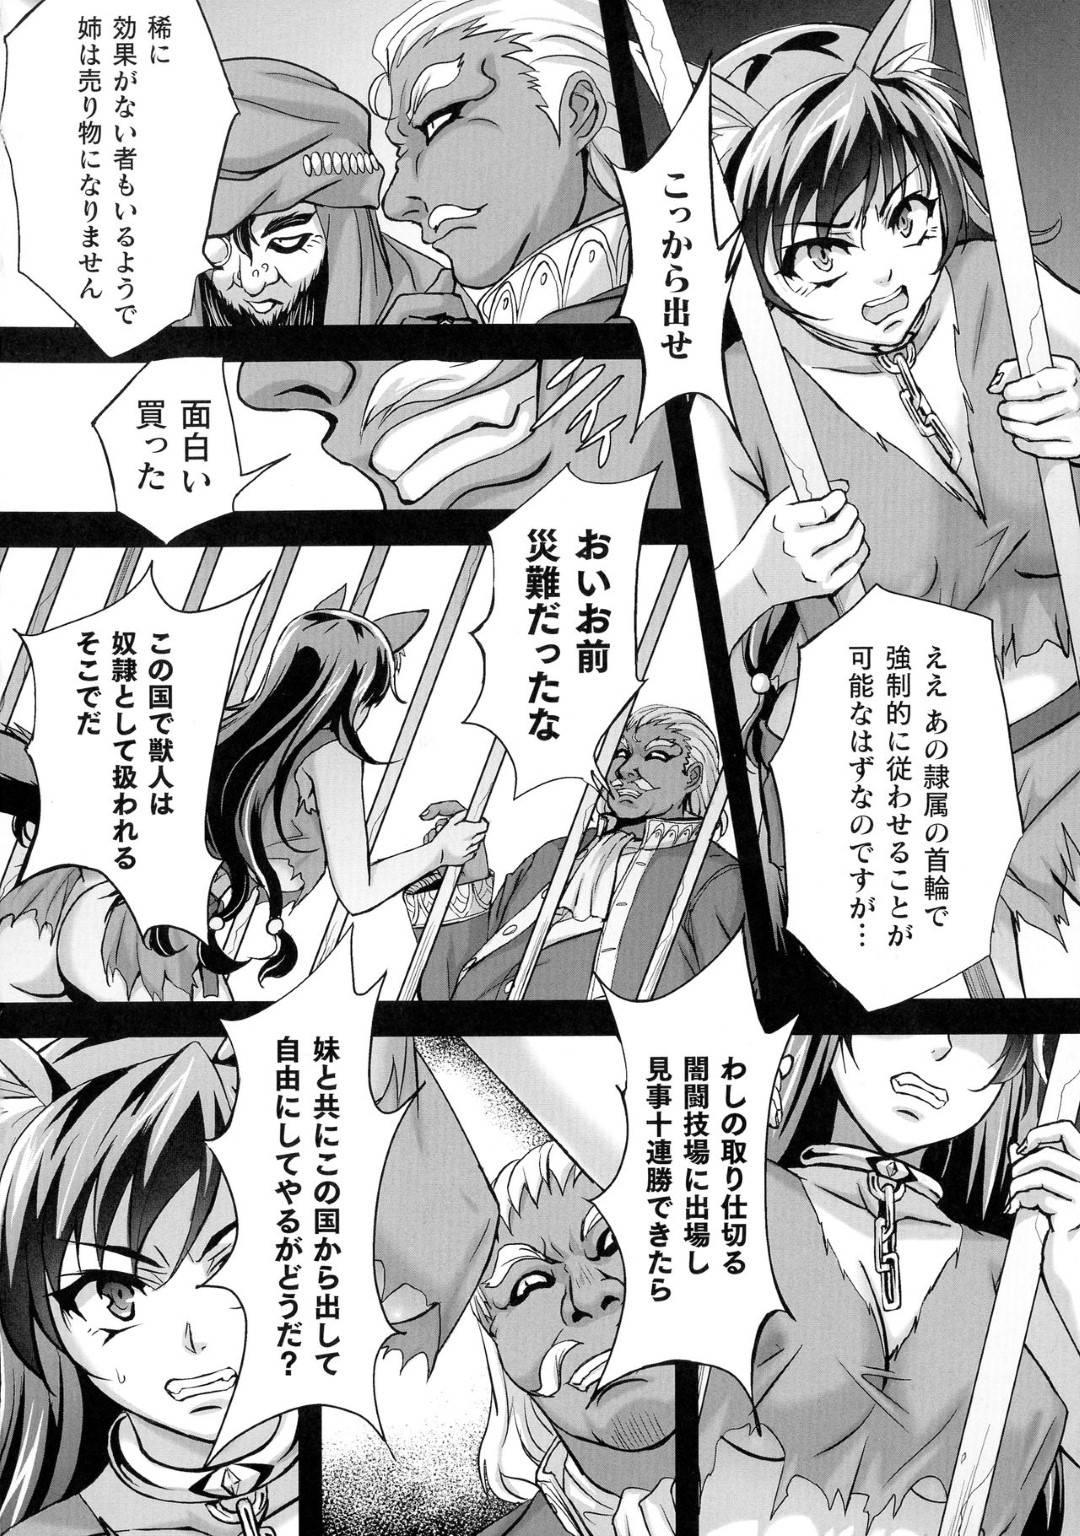 【エロ漫画】妹を人質に取られて闘技場で戦わされる事となってしまった獣人の姉。彼女は巨大な触手の化け物に敗北してしまい、闘技場のど真ん中で公開陵辱レイプを受ける羽目となって苗床にされてしまう!